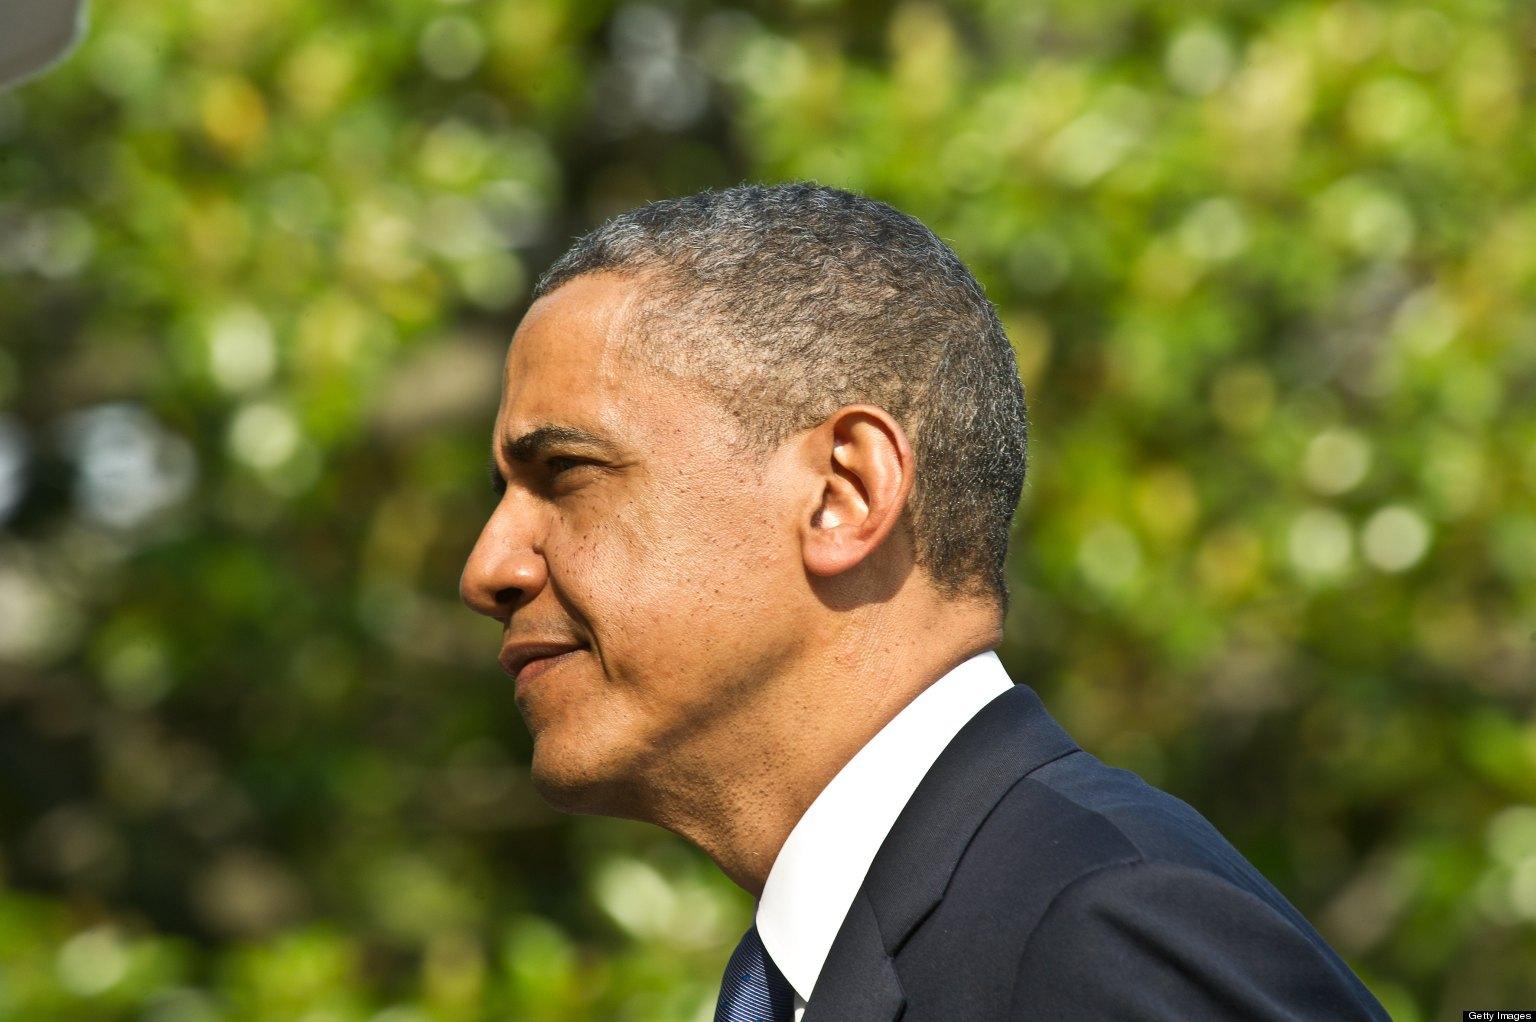 obama closet gay